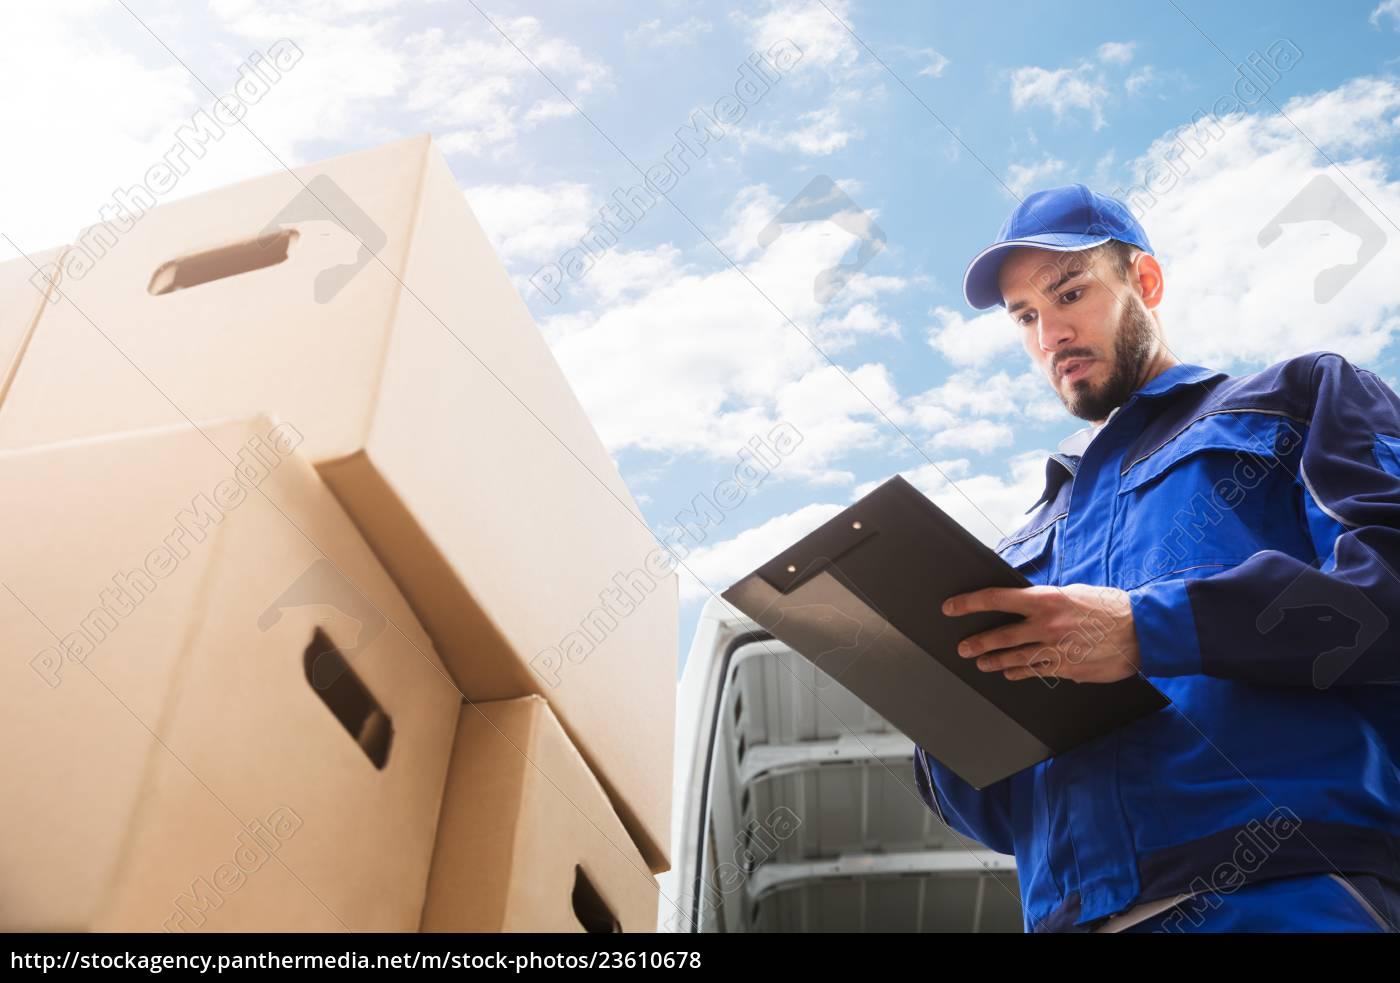 male, worker, standing, near, cardboard, box - 23610678